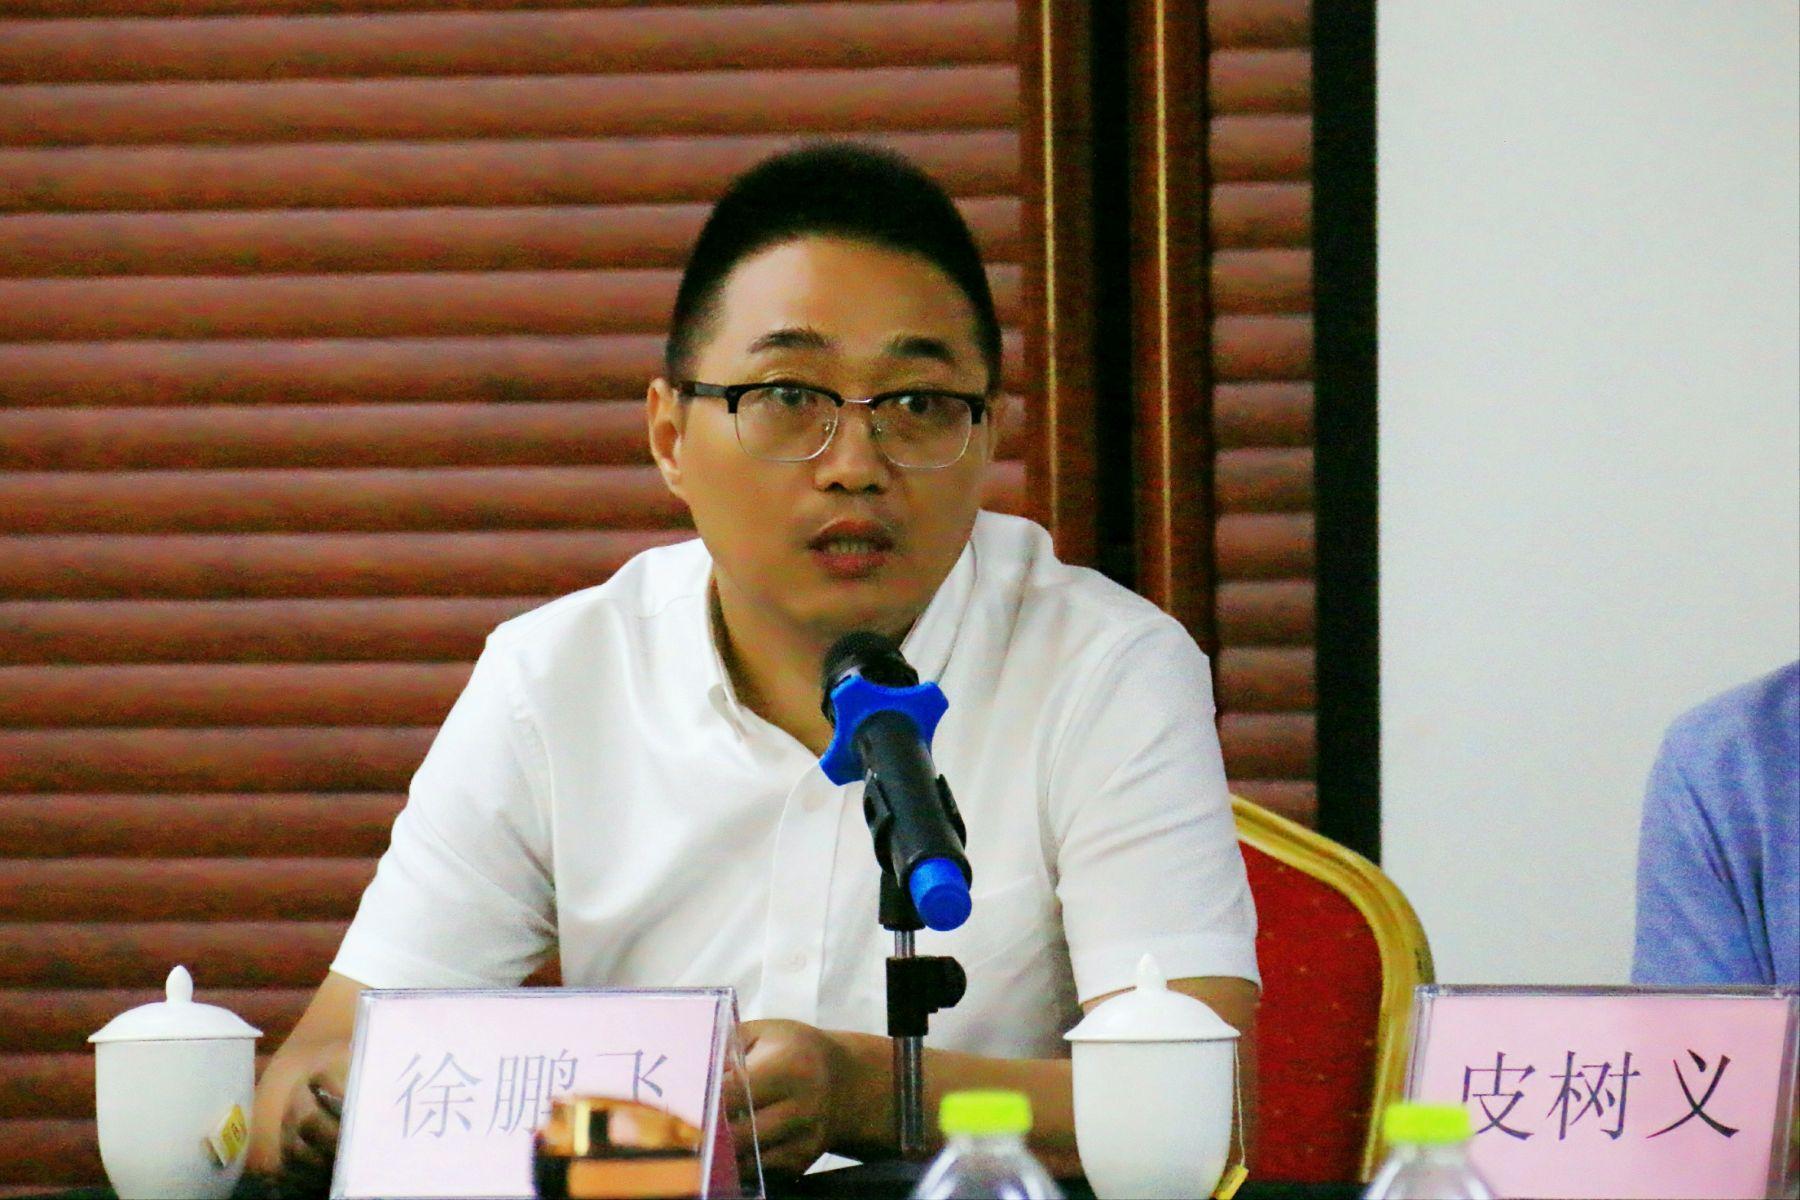 中国新闻培训网执行副总裁徐鹏飞